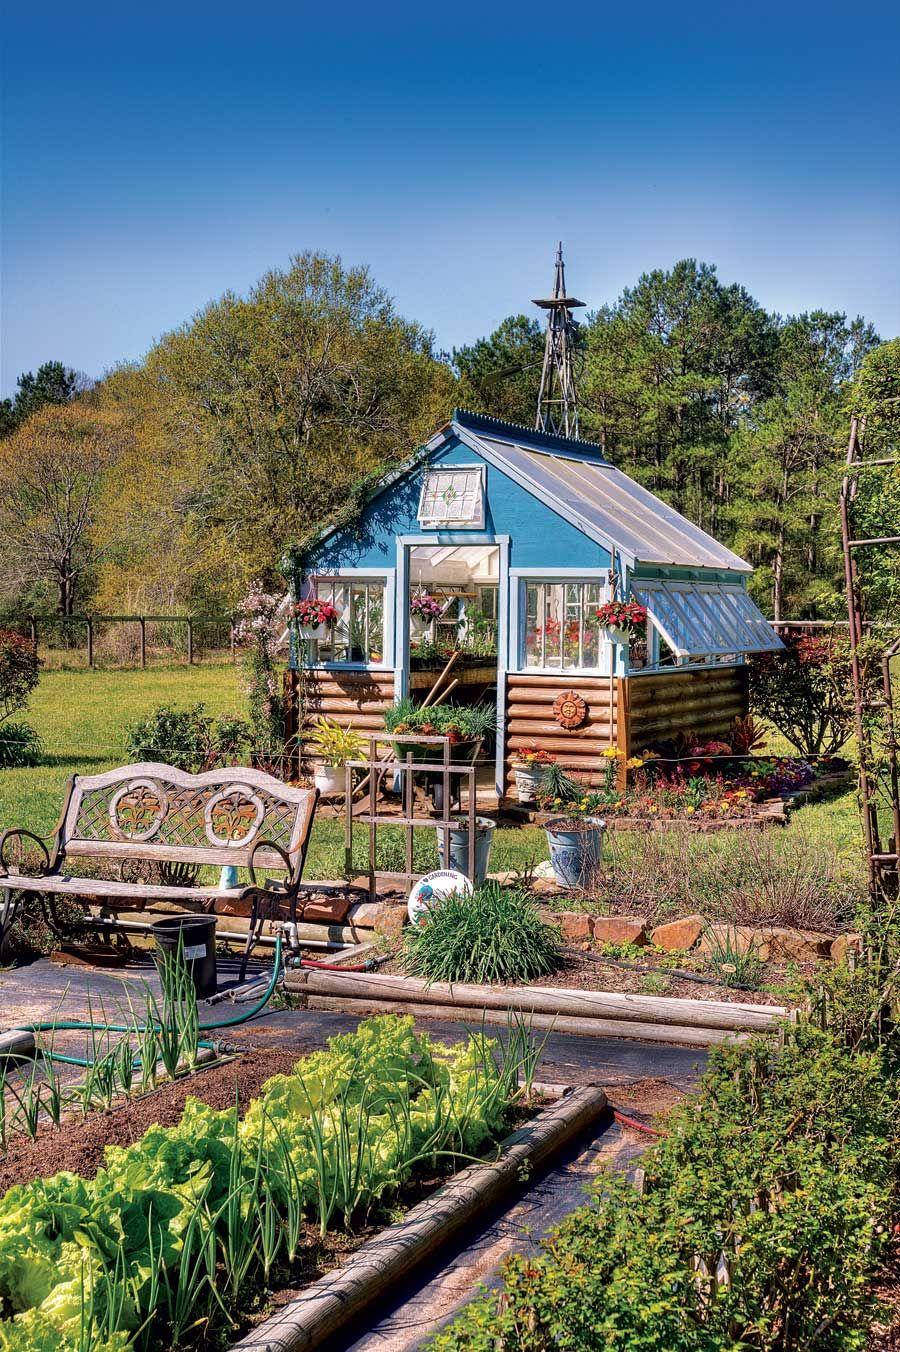 Low Cost Multipurpose Diy Greenhouses Diy Mother Earth News Build A Greenhouse Diy Greenhouse Home Greenhouse